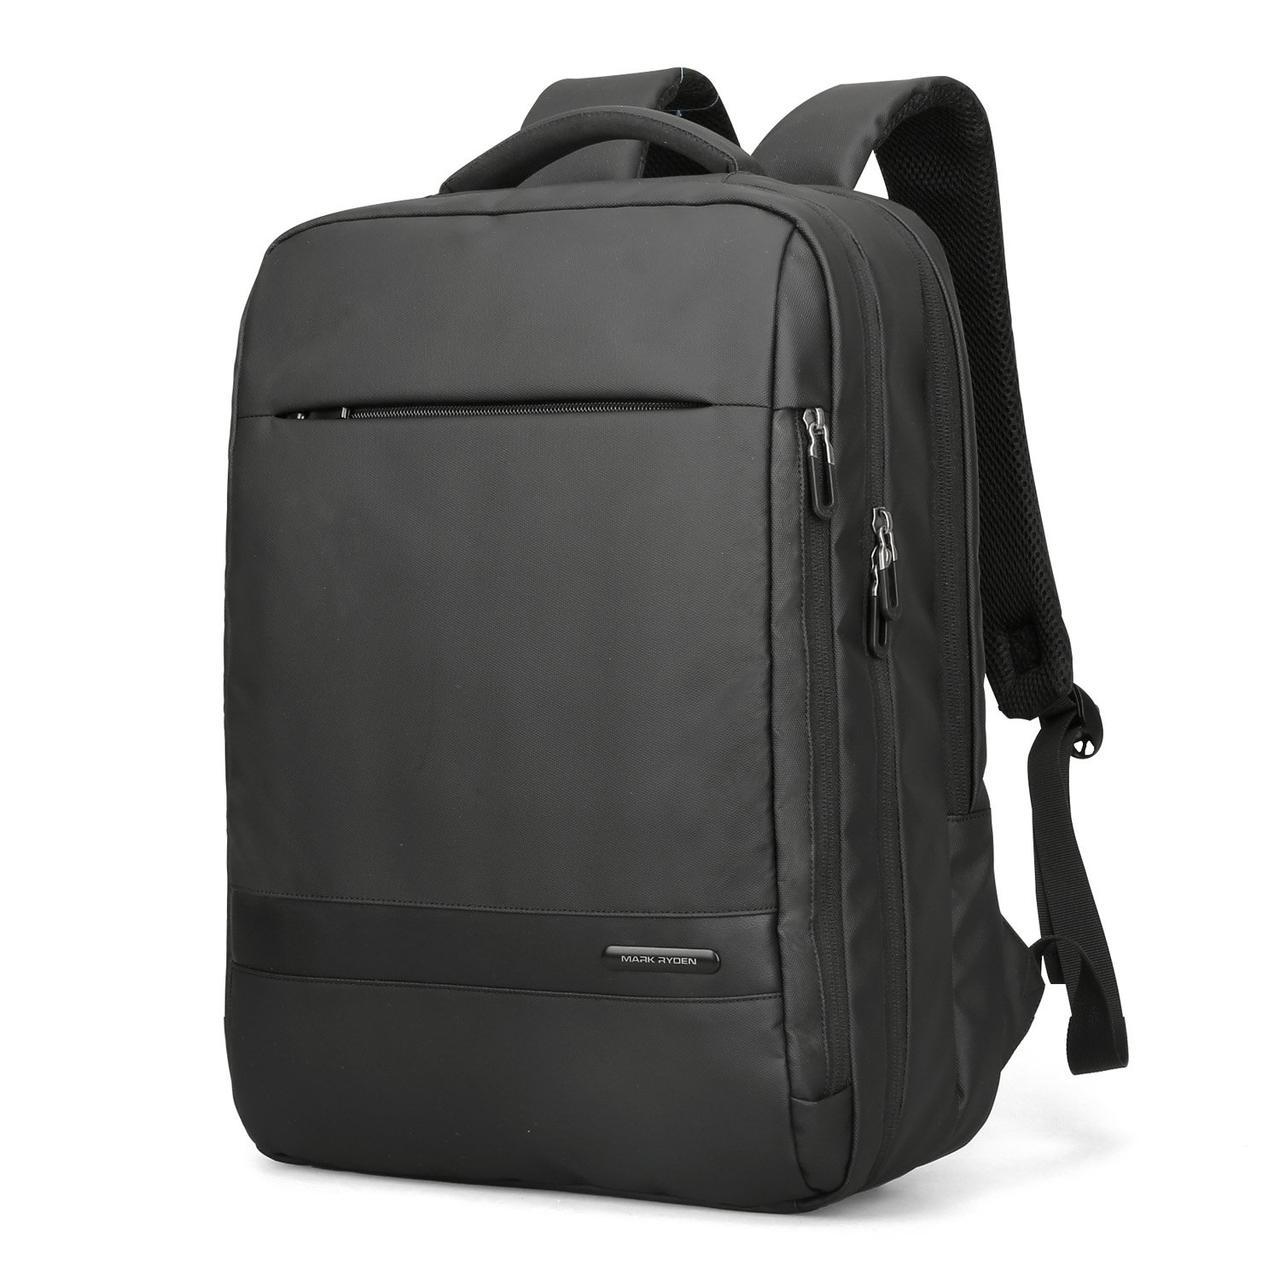 Рюкзак Mark Ryden Avanti MR9668 3.0 Black